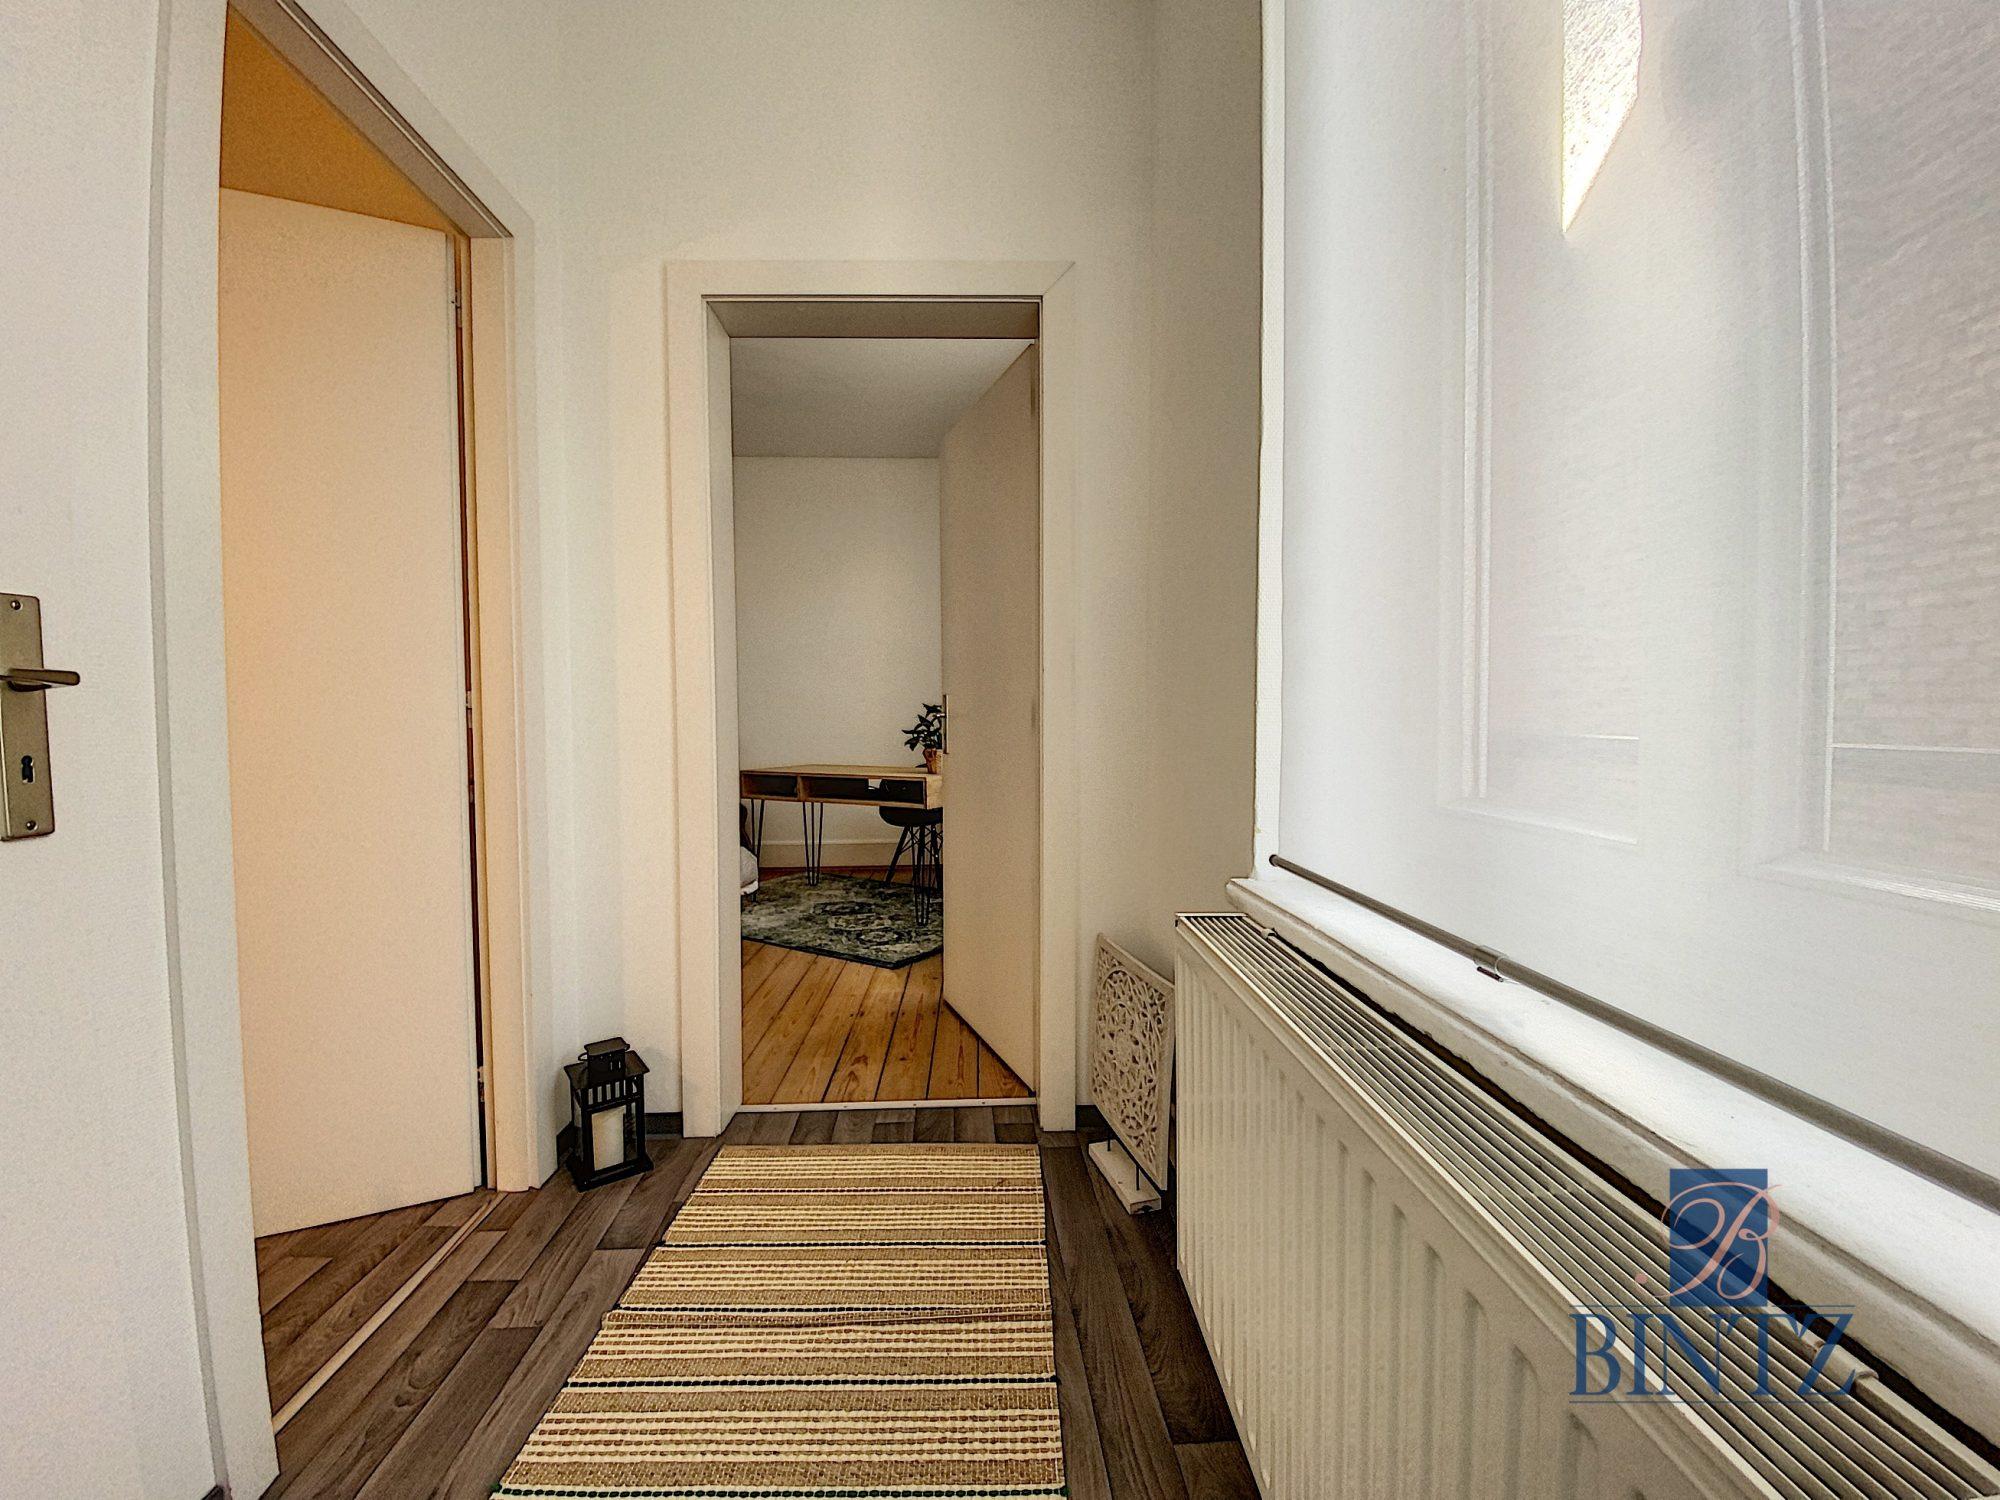 BEAU 2 PIÈCES CONTADES - Devenez locataire en toute sérénité - Bintz Immobilier - 3